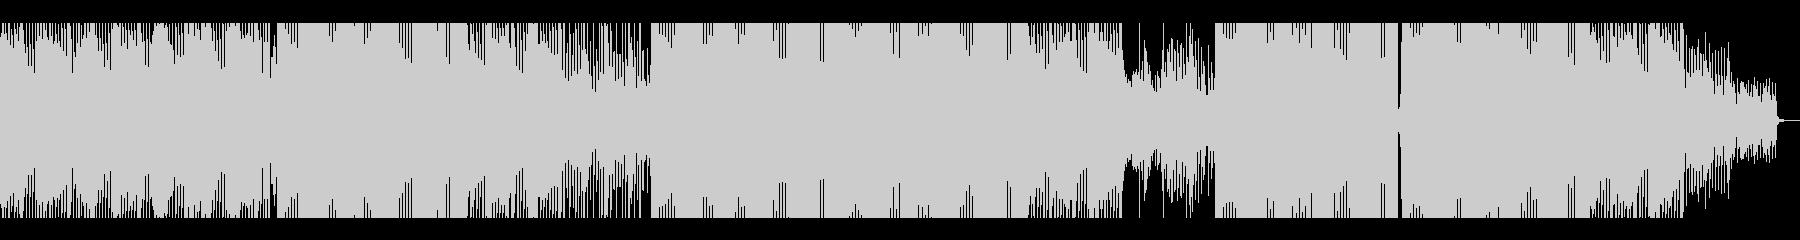 ピアノが印象的な80年代風テクノポップの未再生の波形